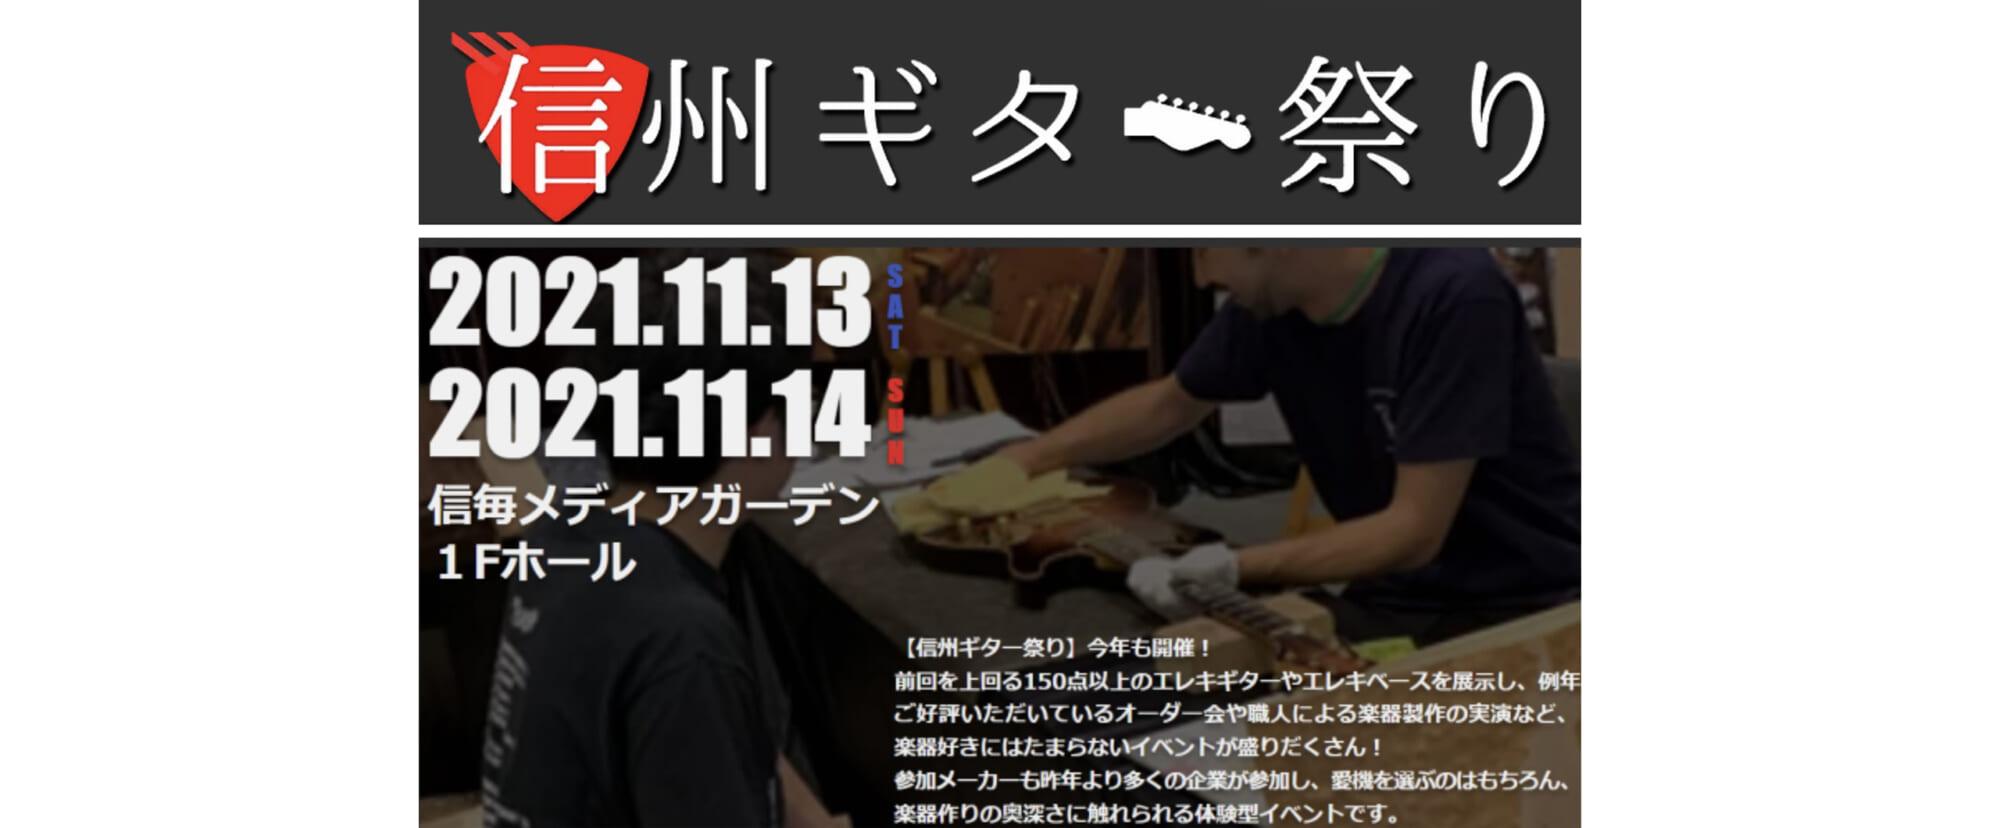 『信州ギター祭り2021』11月13日〜14日に松本市の信毎メディアガーデンにて開催